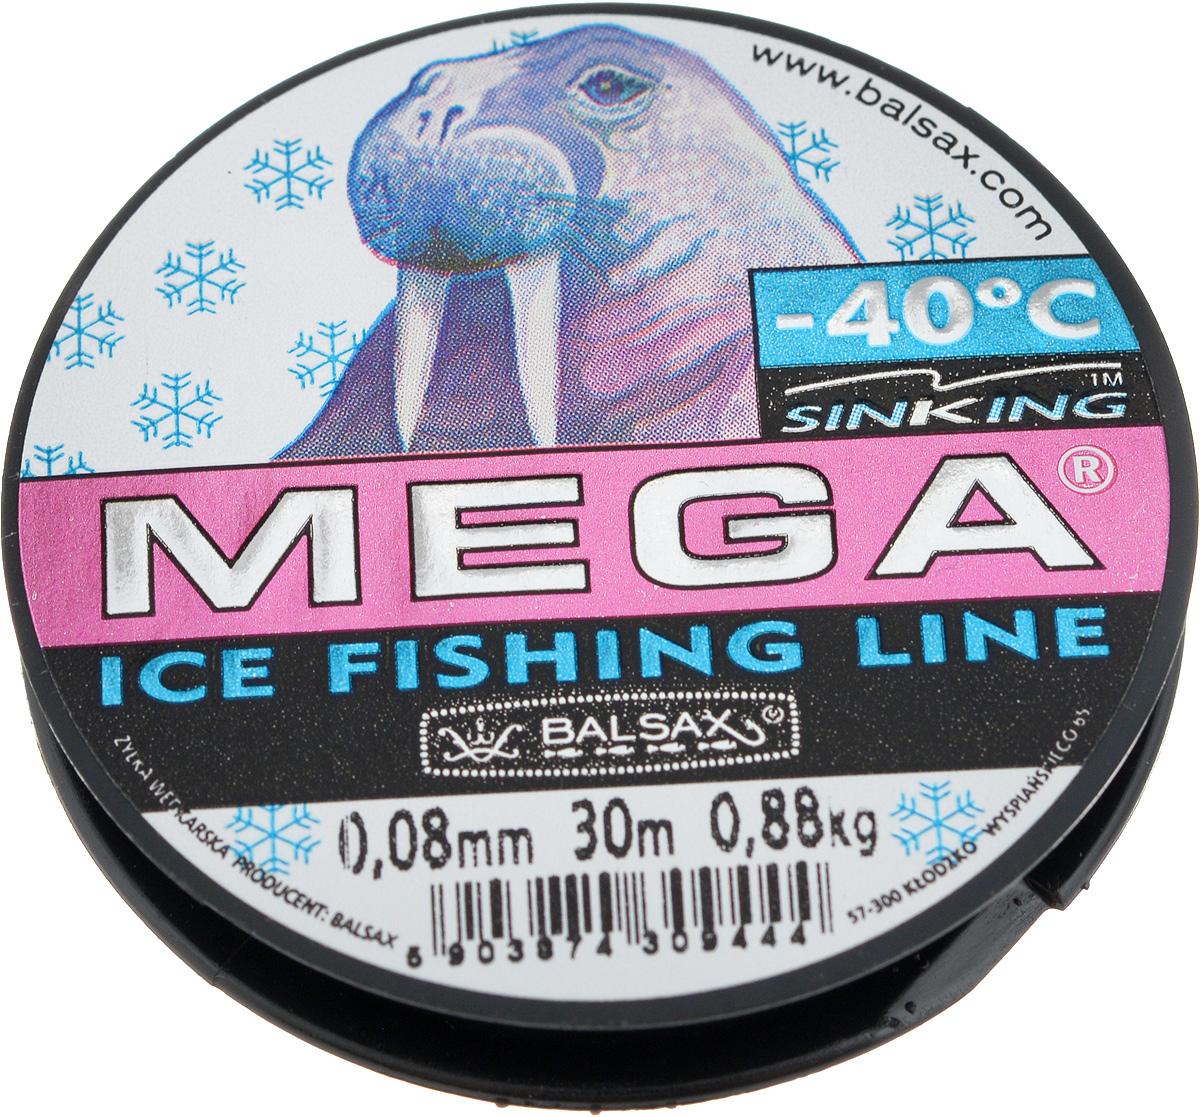 Леска зимняя Balsax Mega, 30 м, 0,08 мм, 0,88 кг310-11008Леска Balsax Mega изготовлена из 100% нейлона и очень хорошо выдерживает низкие температуры. Даже в самом холодном климате, при температуре вплоть до -40°C, она сохраняет свои свойства практически без изменений, в то время как традиционные лески становятся менее эластичными и теряют прочность. Поверхность лески обработана таким образом, что она не обмерзает и отлично подходит для подледного лова. Прочна в местах вязки узлов даже при минимальном диаметре.